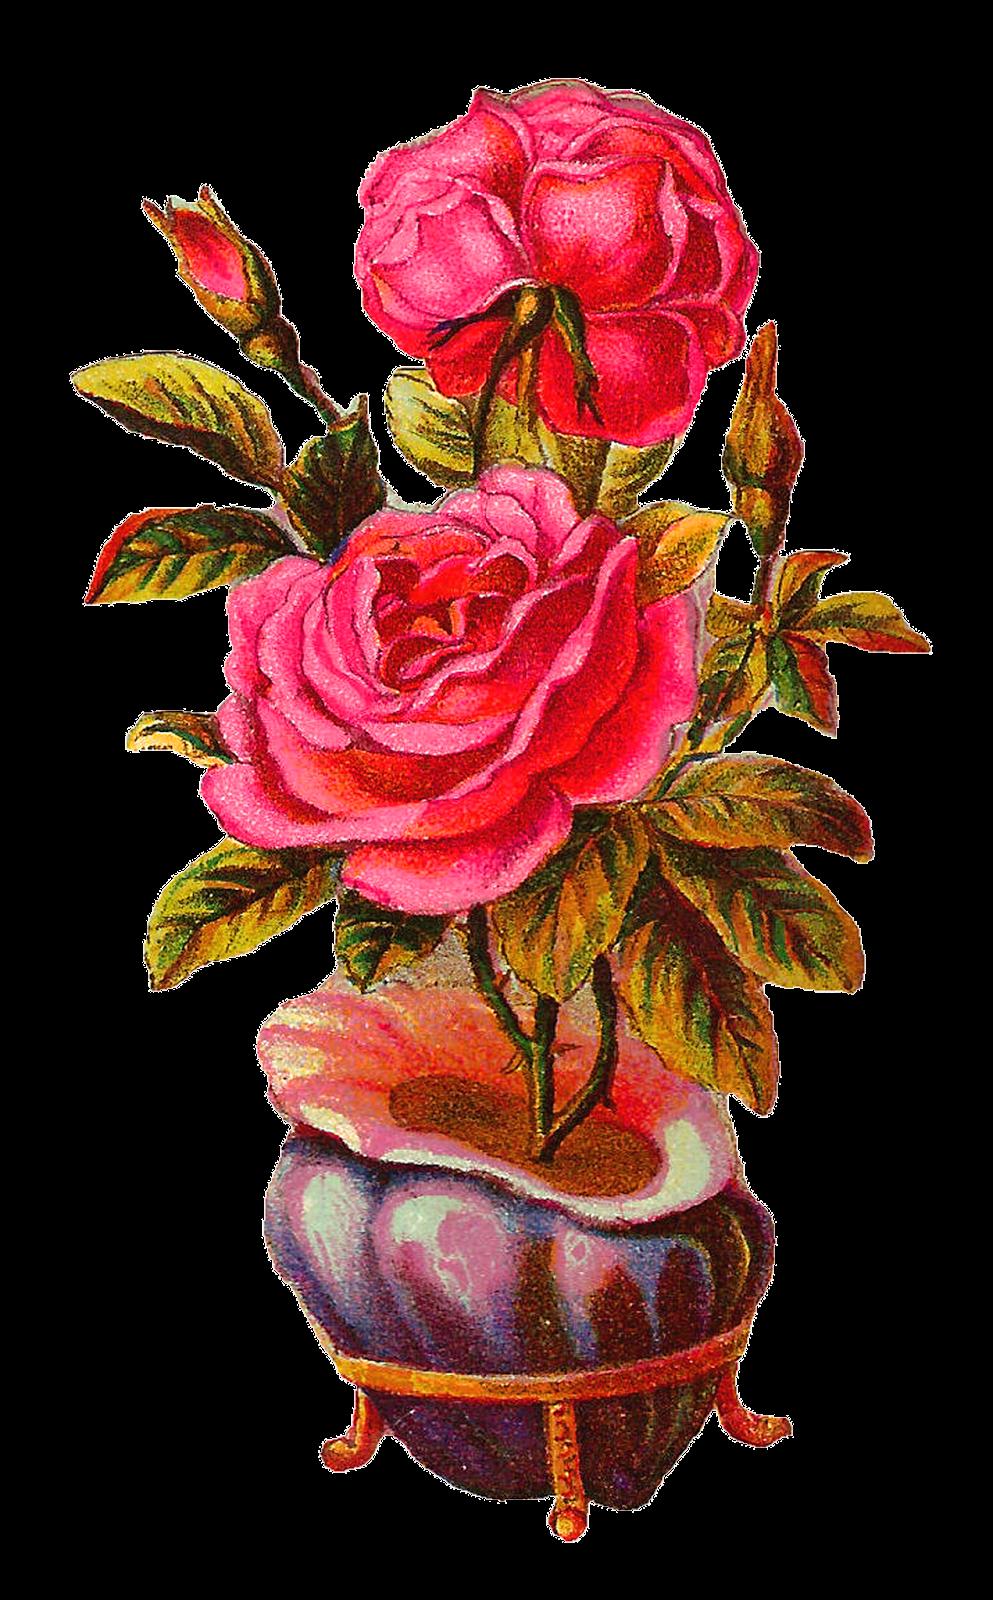 Clipart roses vase. Antique images botanical vintage